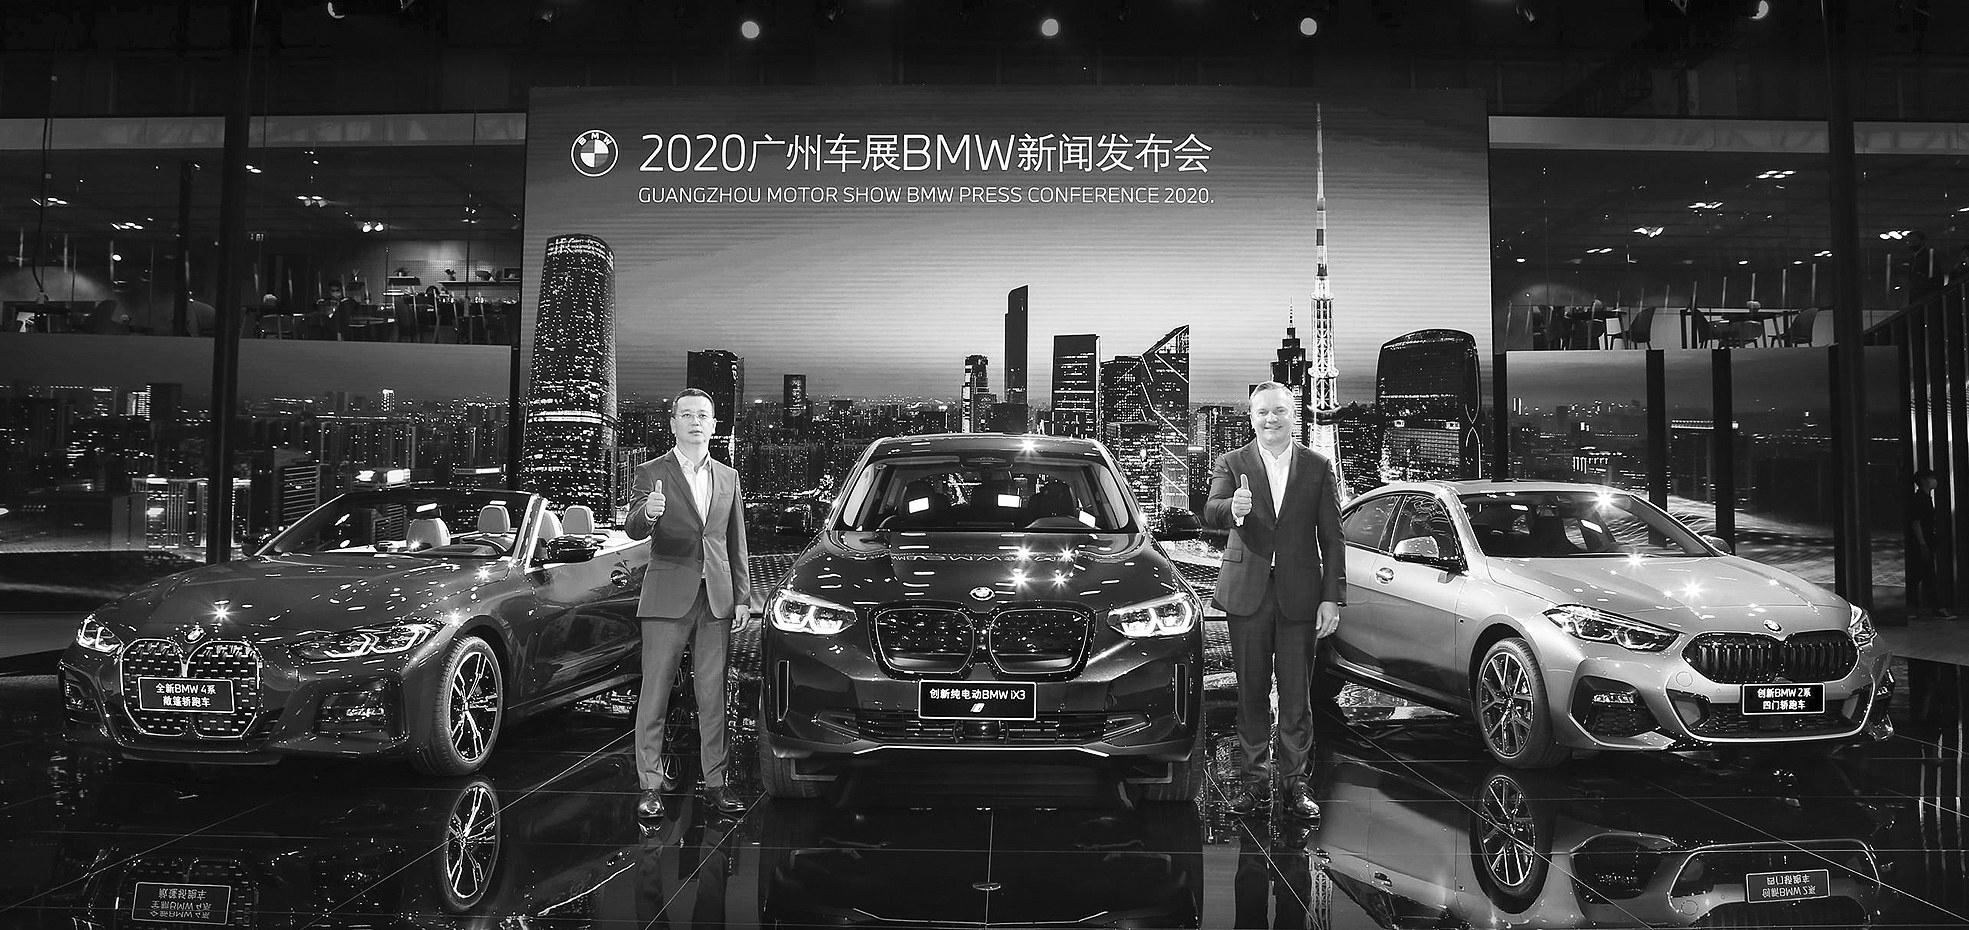 6款重点新车型广州车展闪亮全场宝马细分市场全面发力